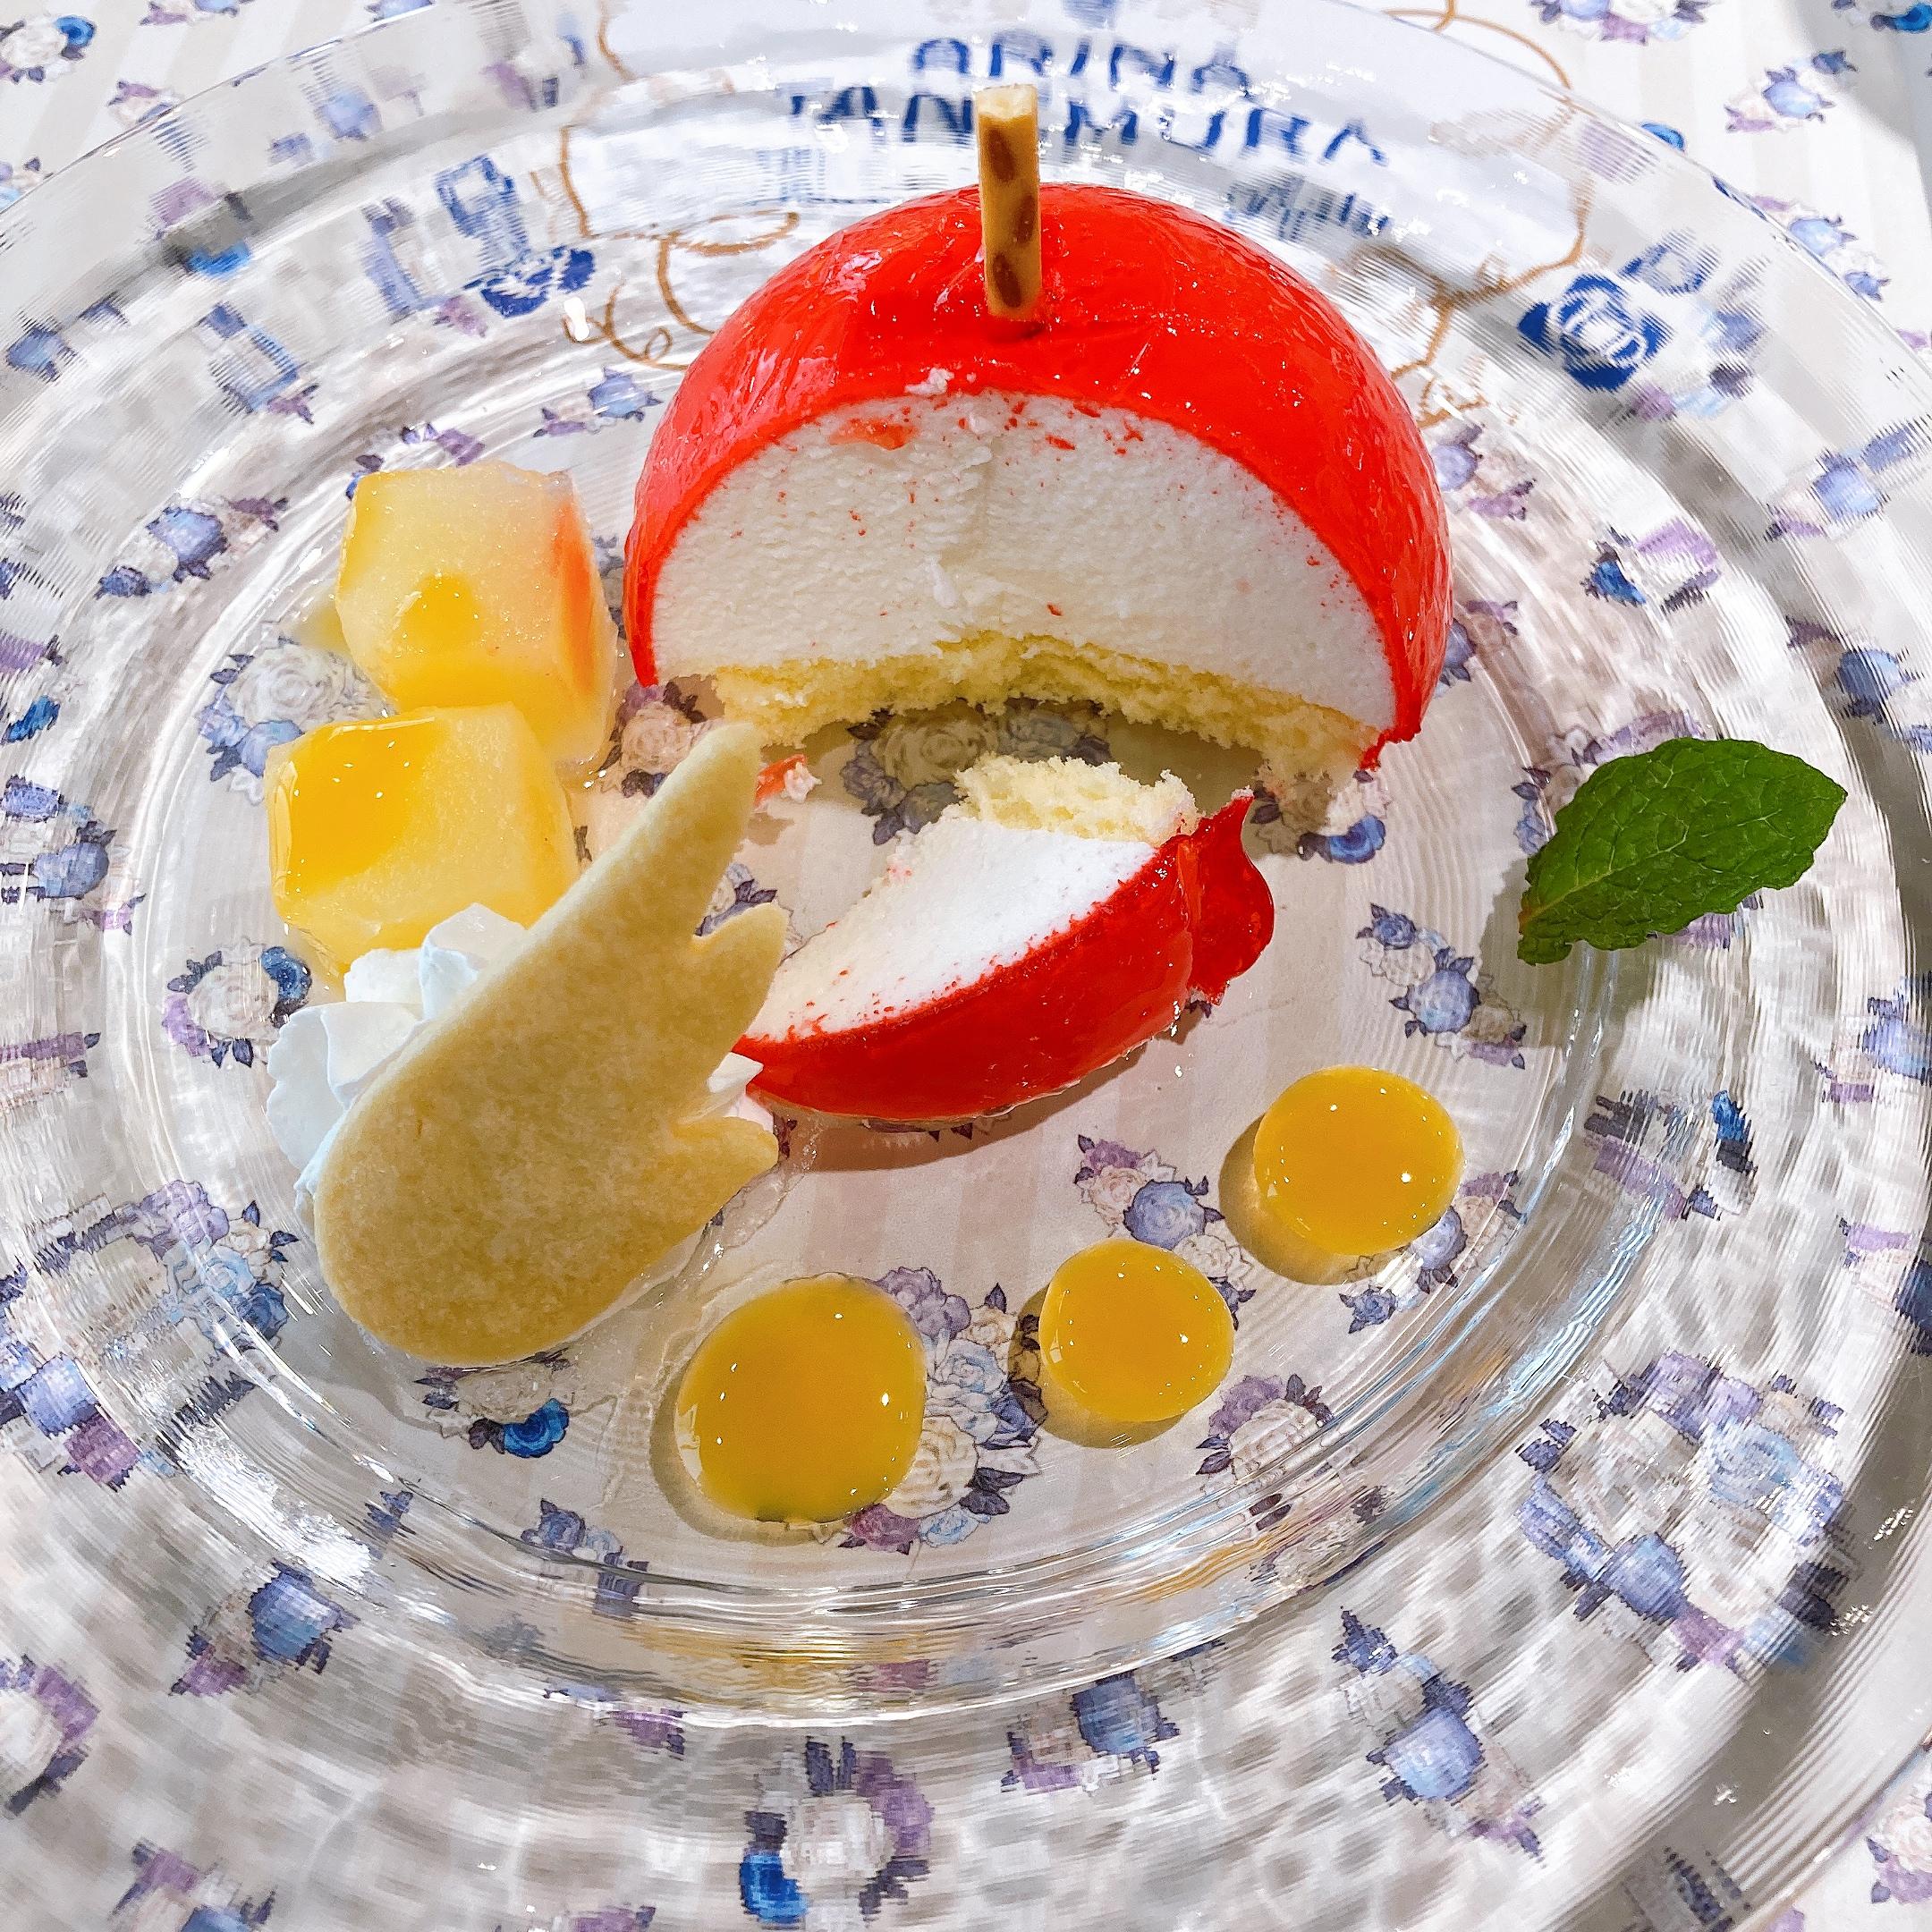 『種村有菜』×アニメイトカフェ「神風怪盗ジャンヌ」天使のペルの実ケーキ切断面